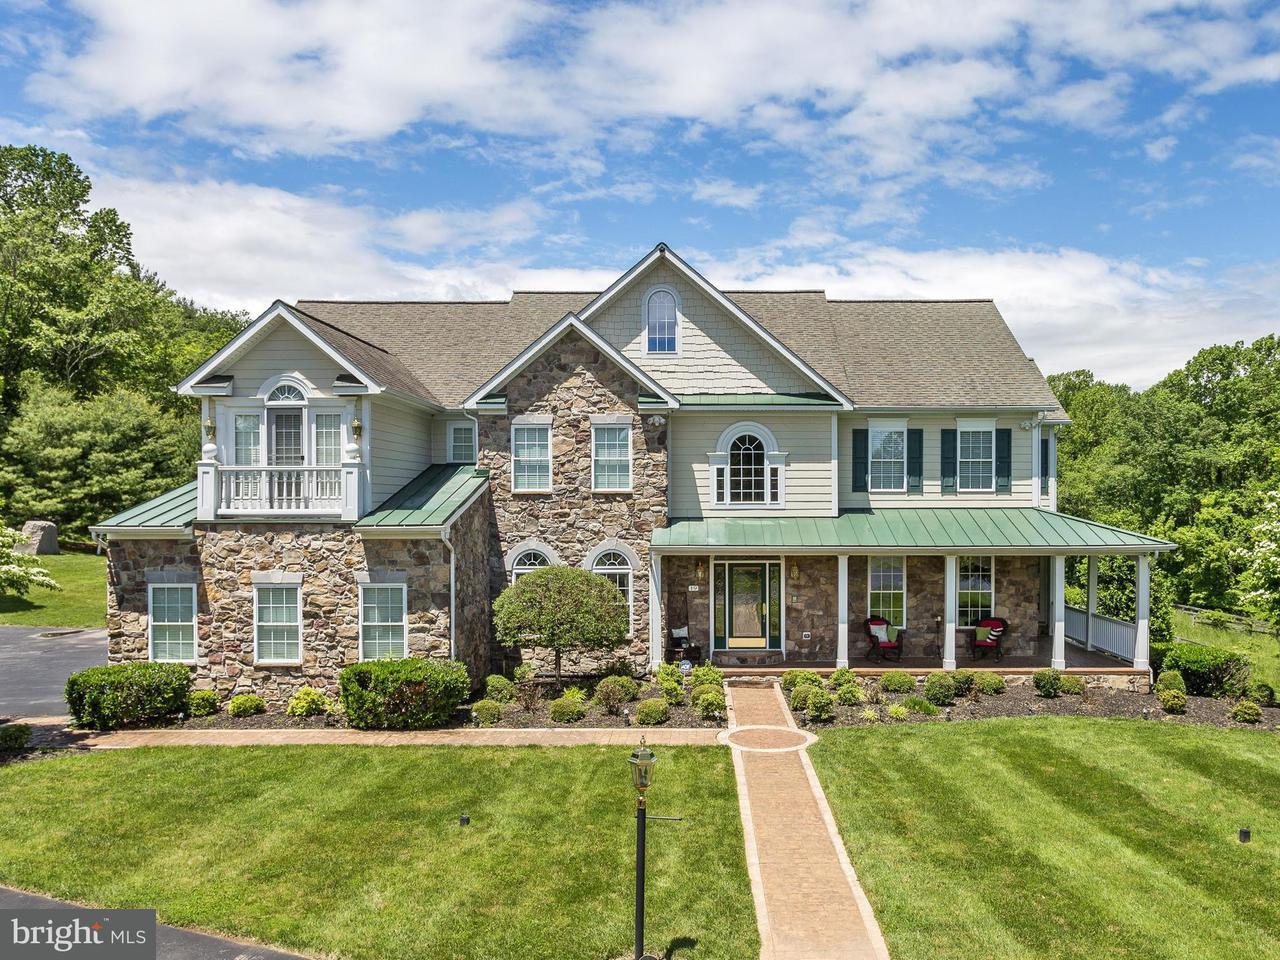 Einfamilienhaus für Verkauf beim 19 BONDI WAY 19 BONDI WAY Reisterstown, Maryland 21136 Vereinigte Staaten